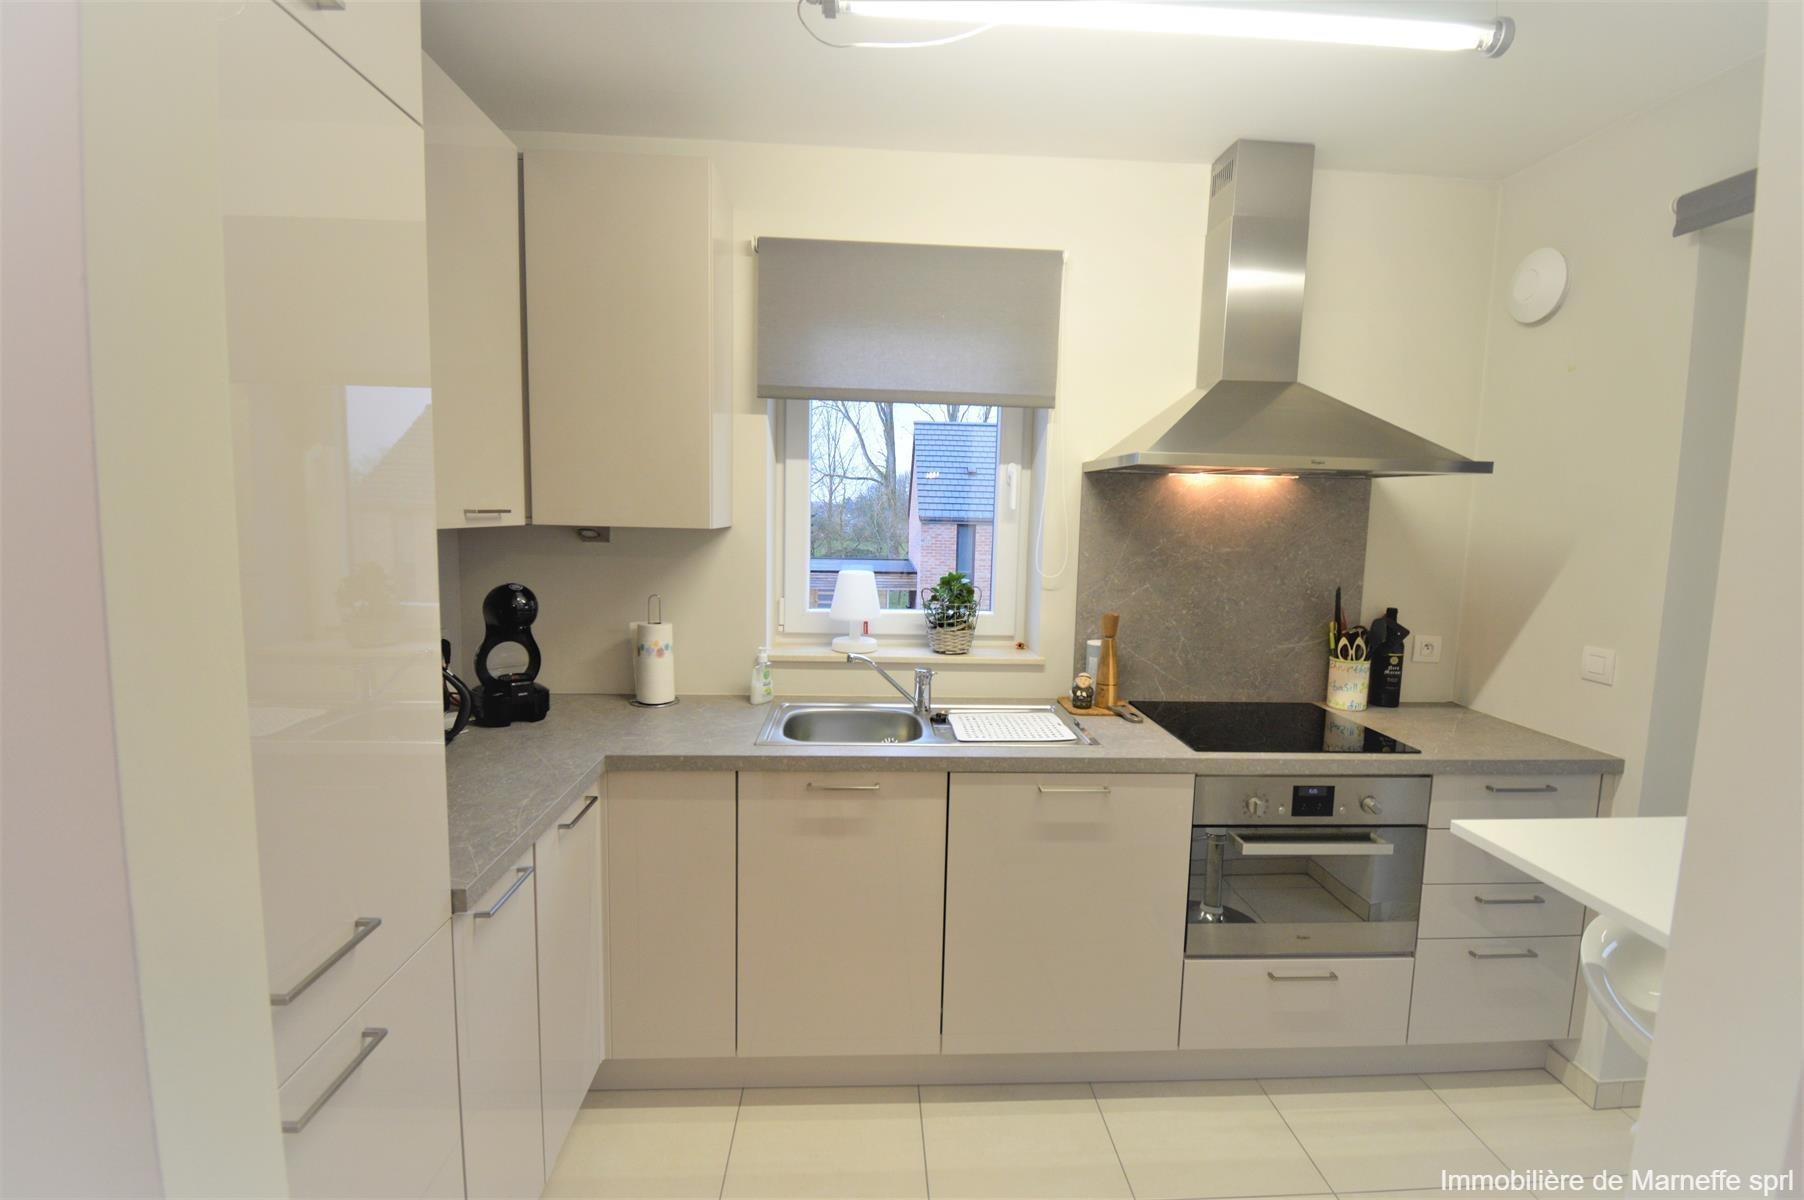 Appartement - Hannuit - #4246452-6